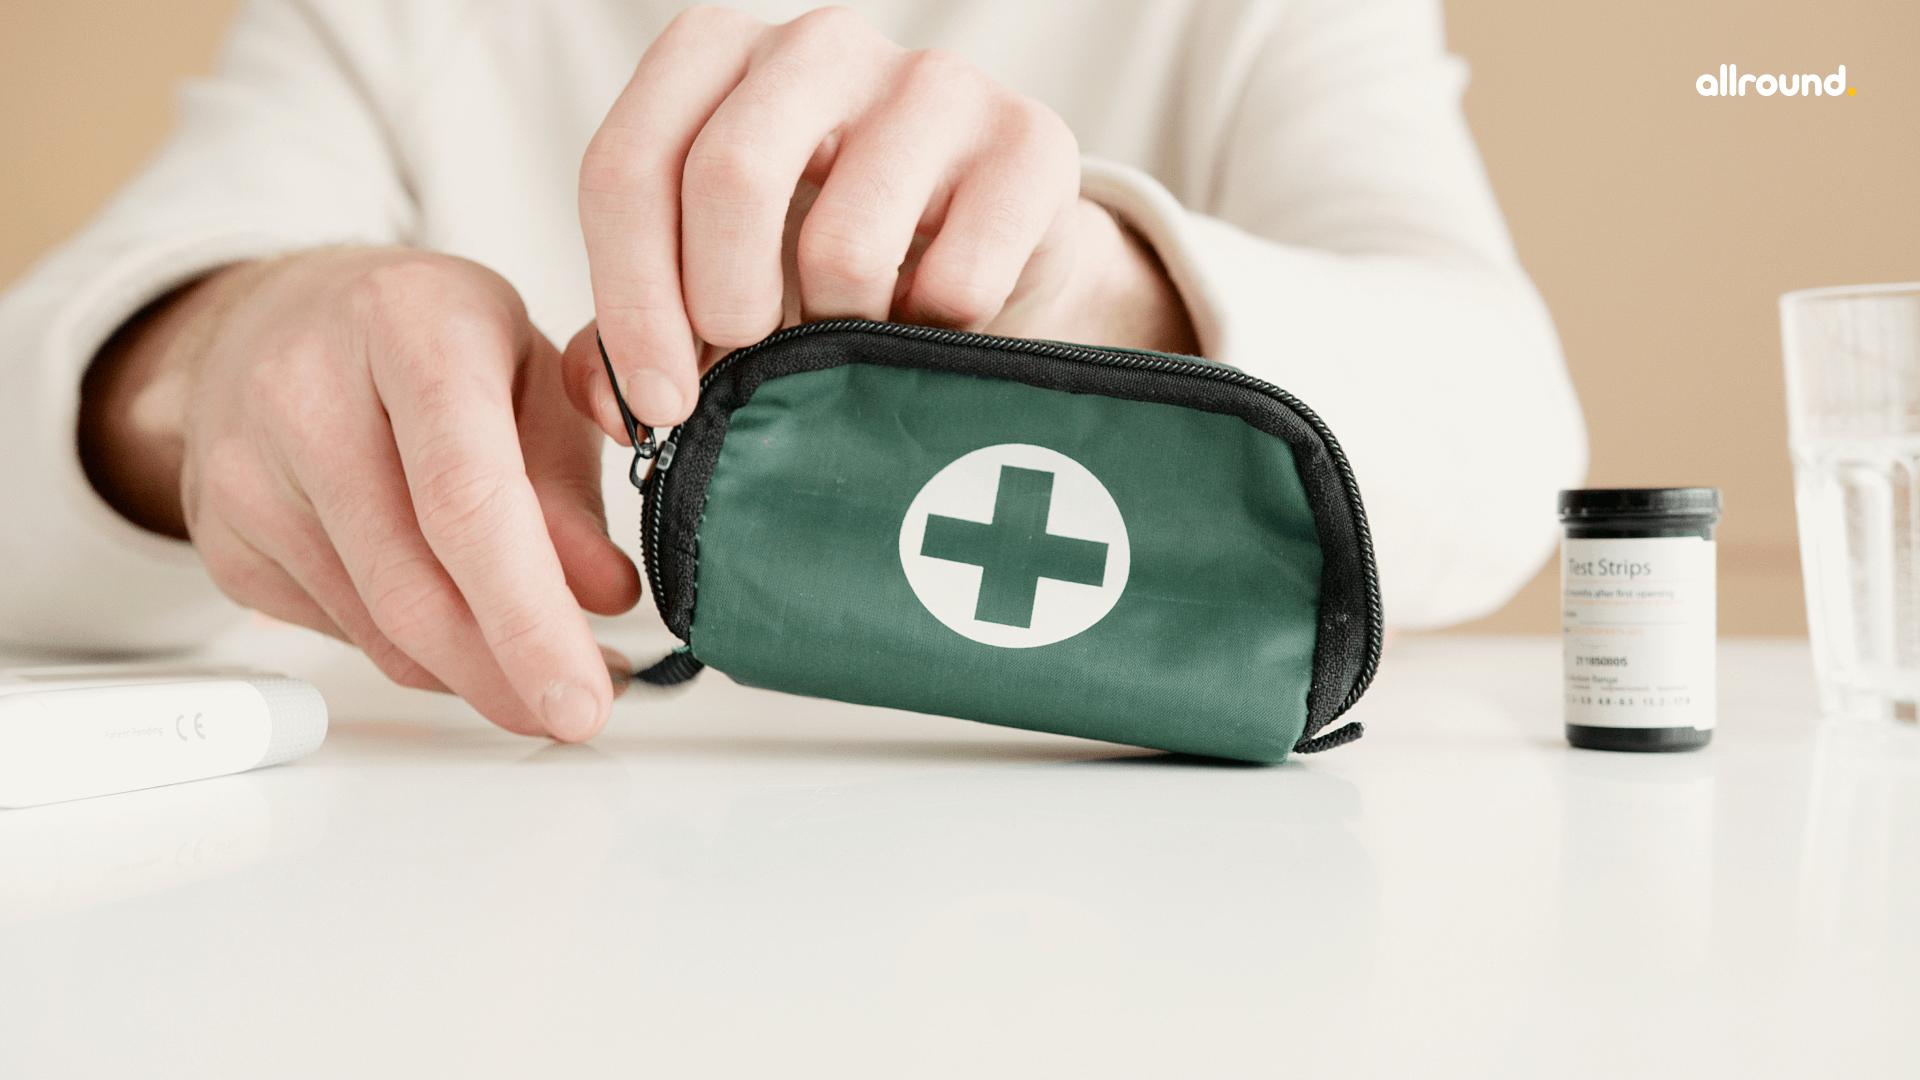 10 Ways To Teach Children About Basic First Aid